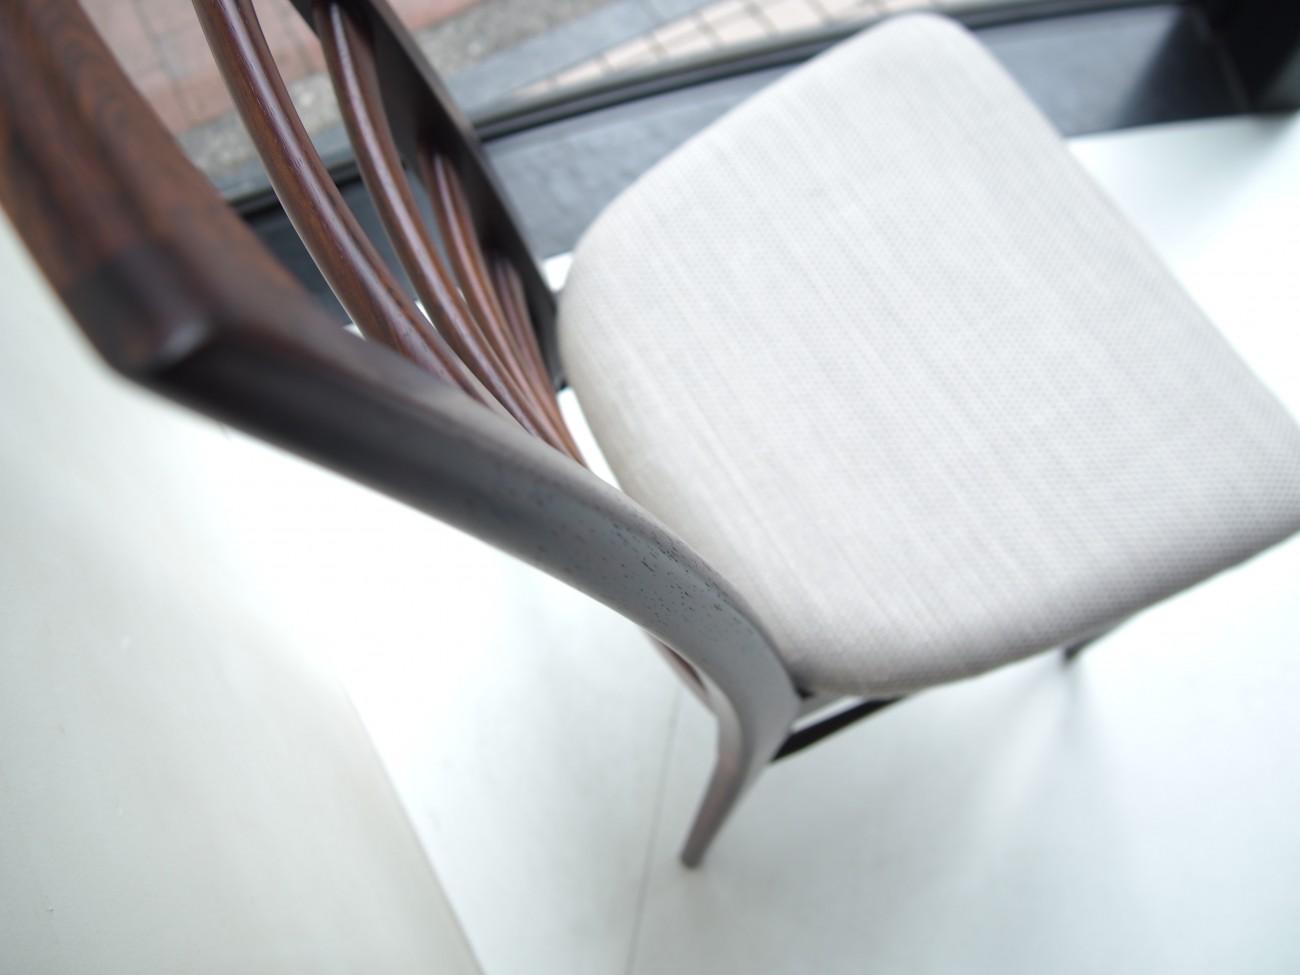 ニールス・コフォード Liz ローズウッドチェアの美しい後ろ脚のカーブ